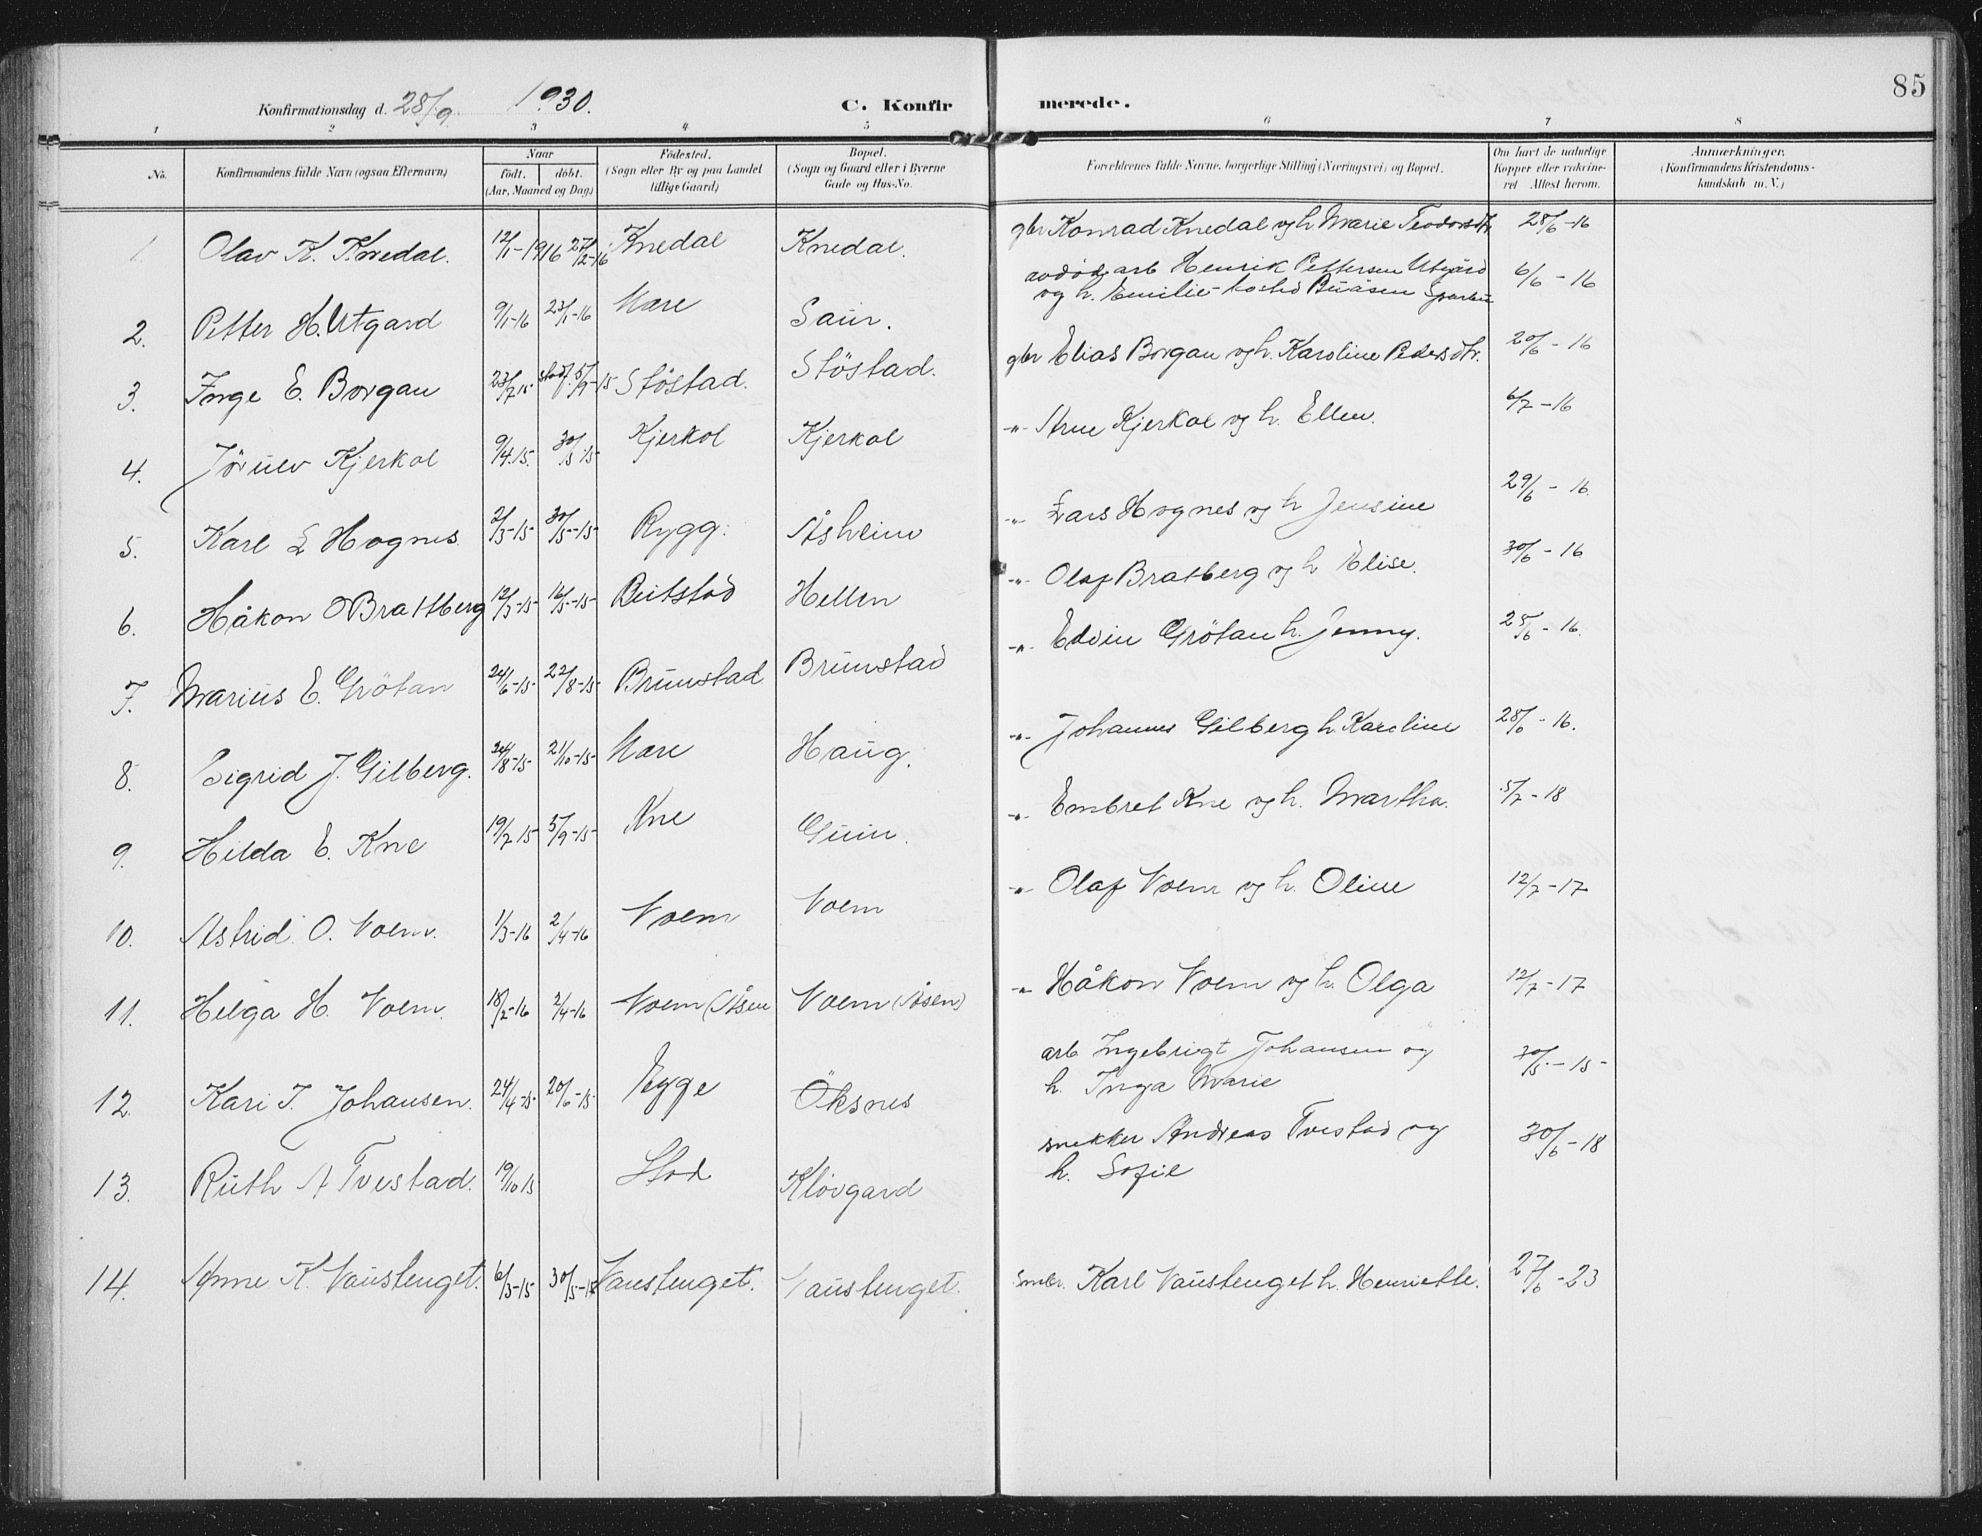 SAT, Ministerialprotokoller, klokkerbøker og fødselsregistre - Nord-Trøndelag, 747/L0460: Klokkerbok nr. 747C02, 1908-1939, s. 85